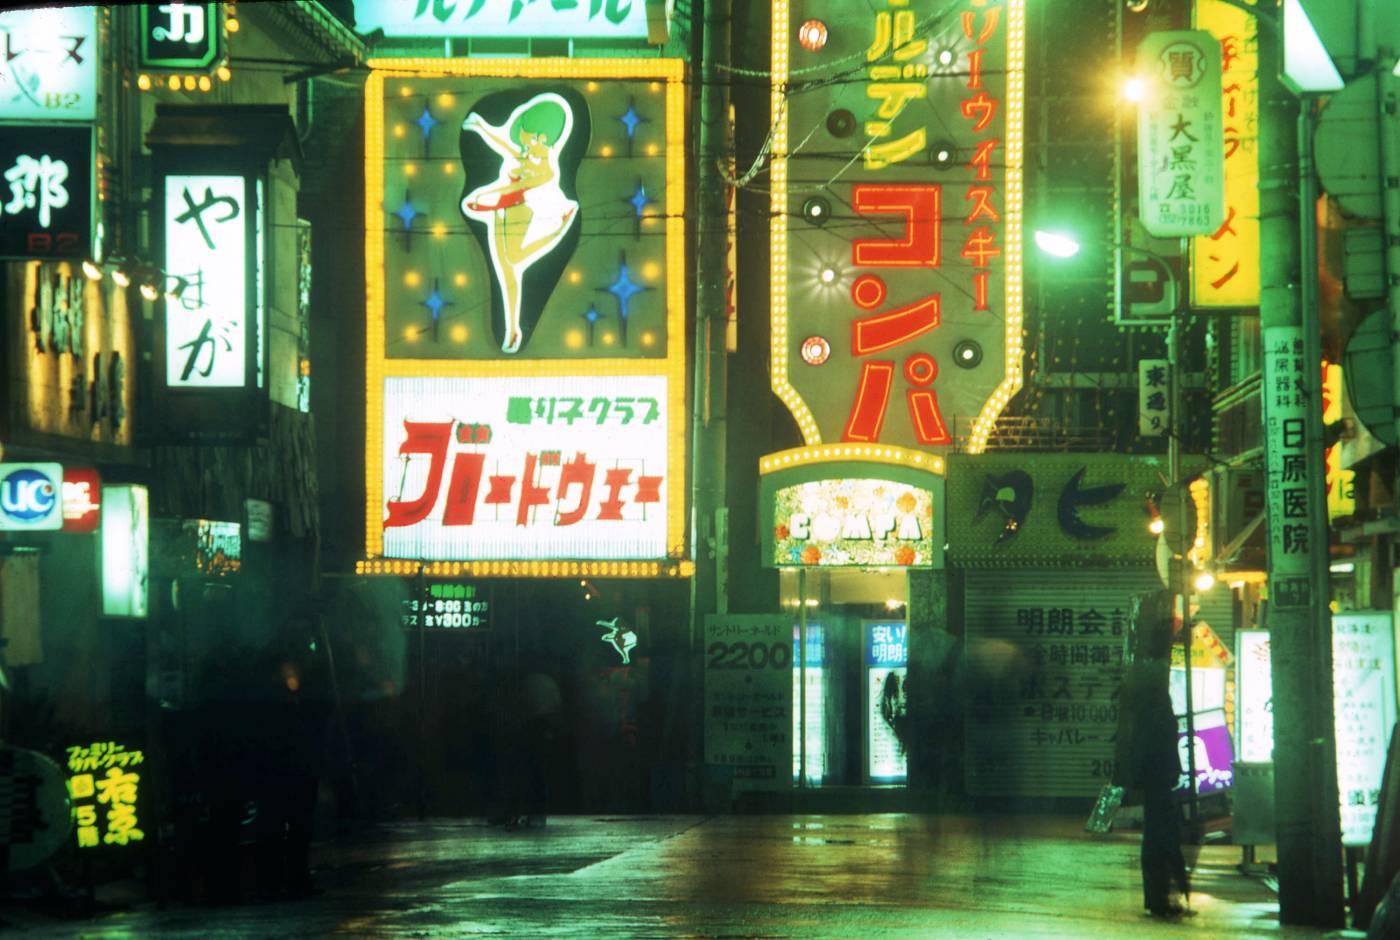 Girard fotografie di Tokyo anni 70